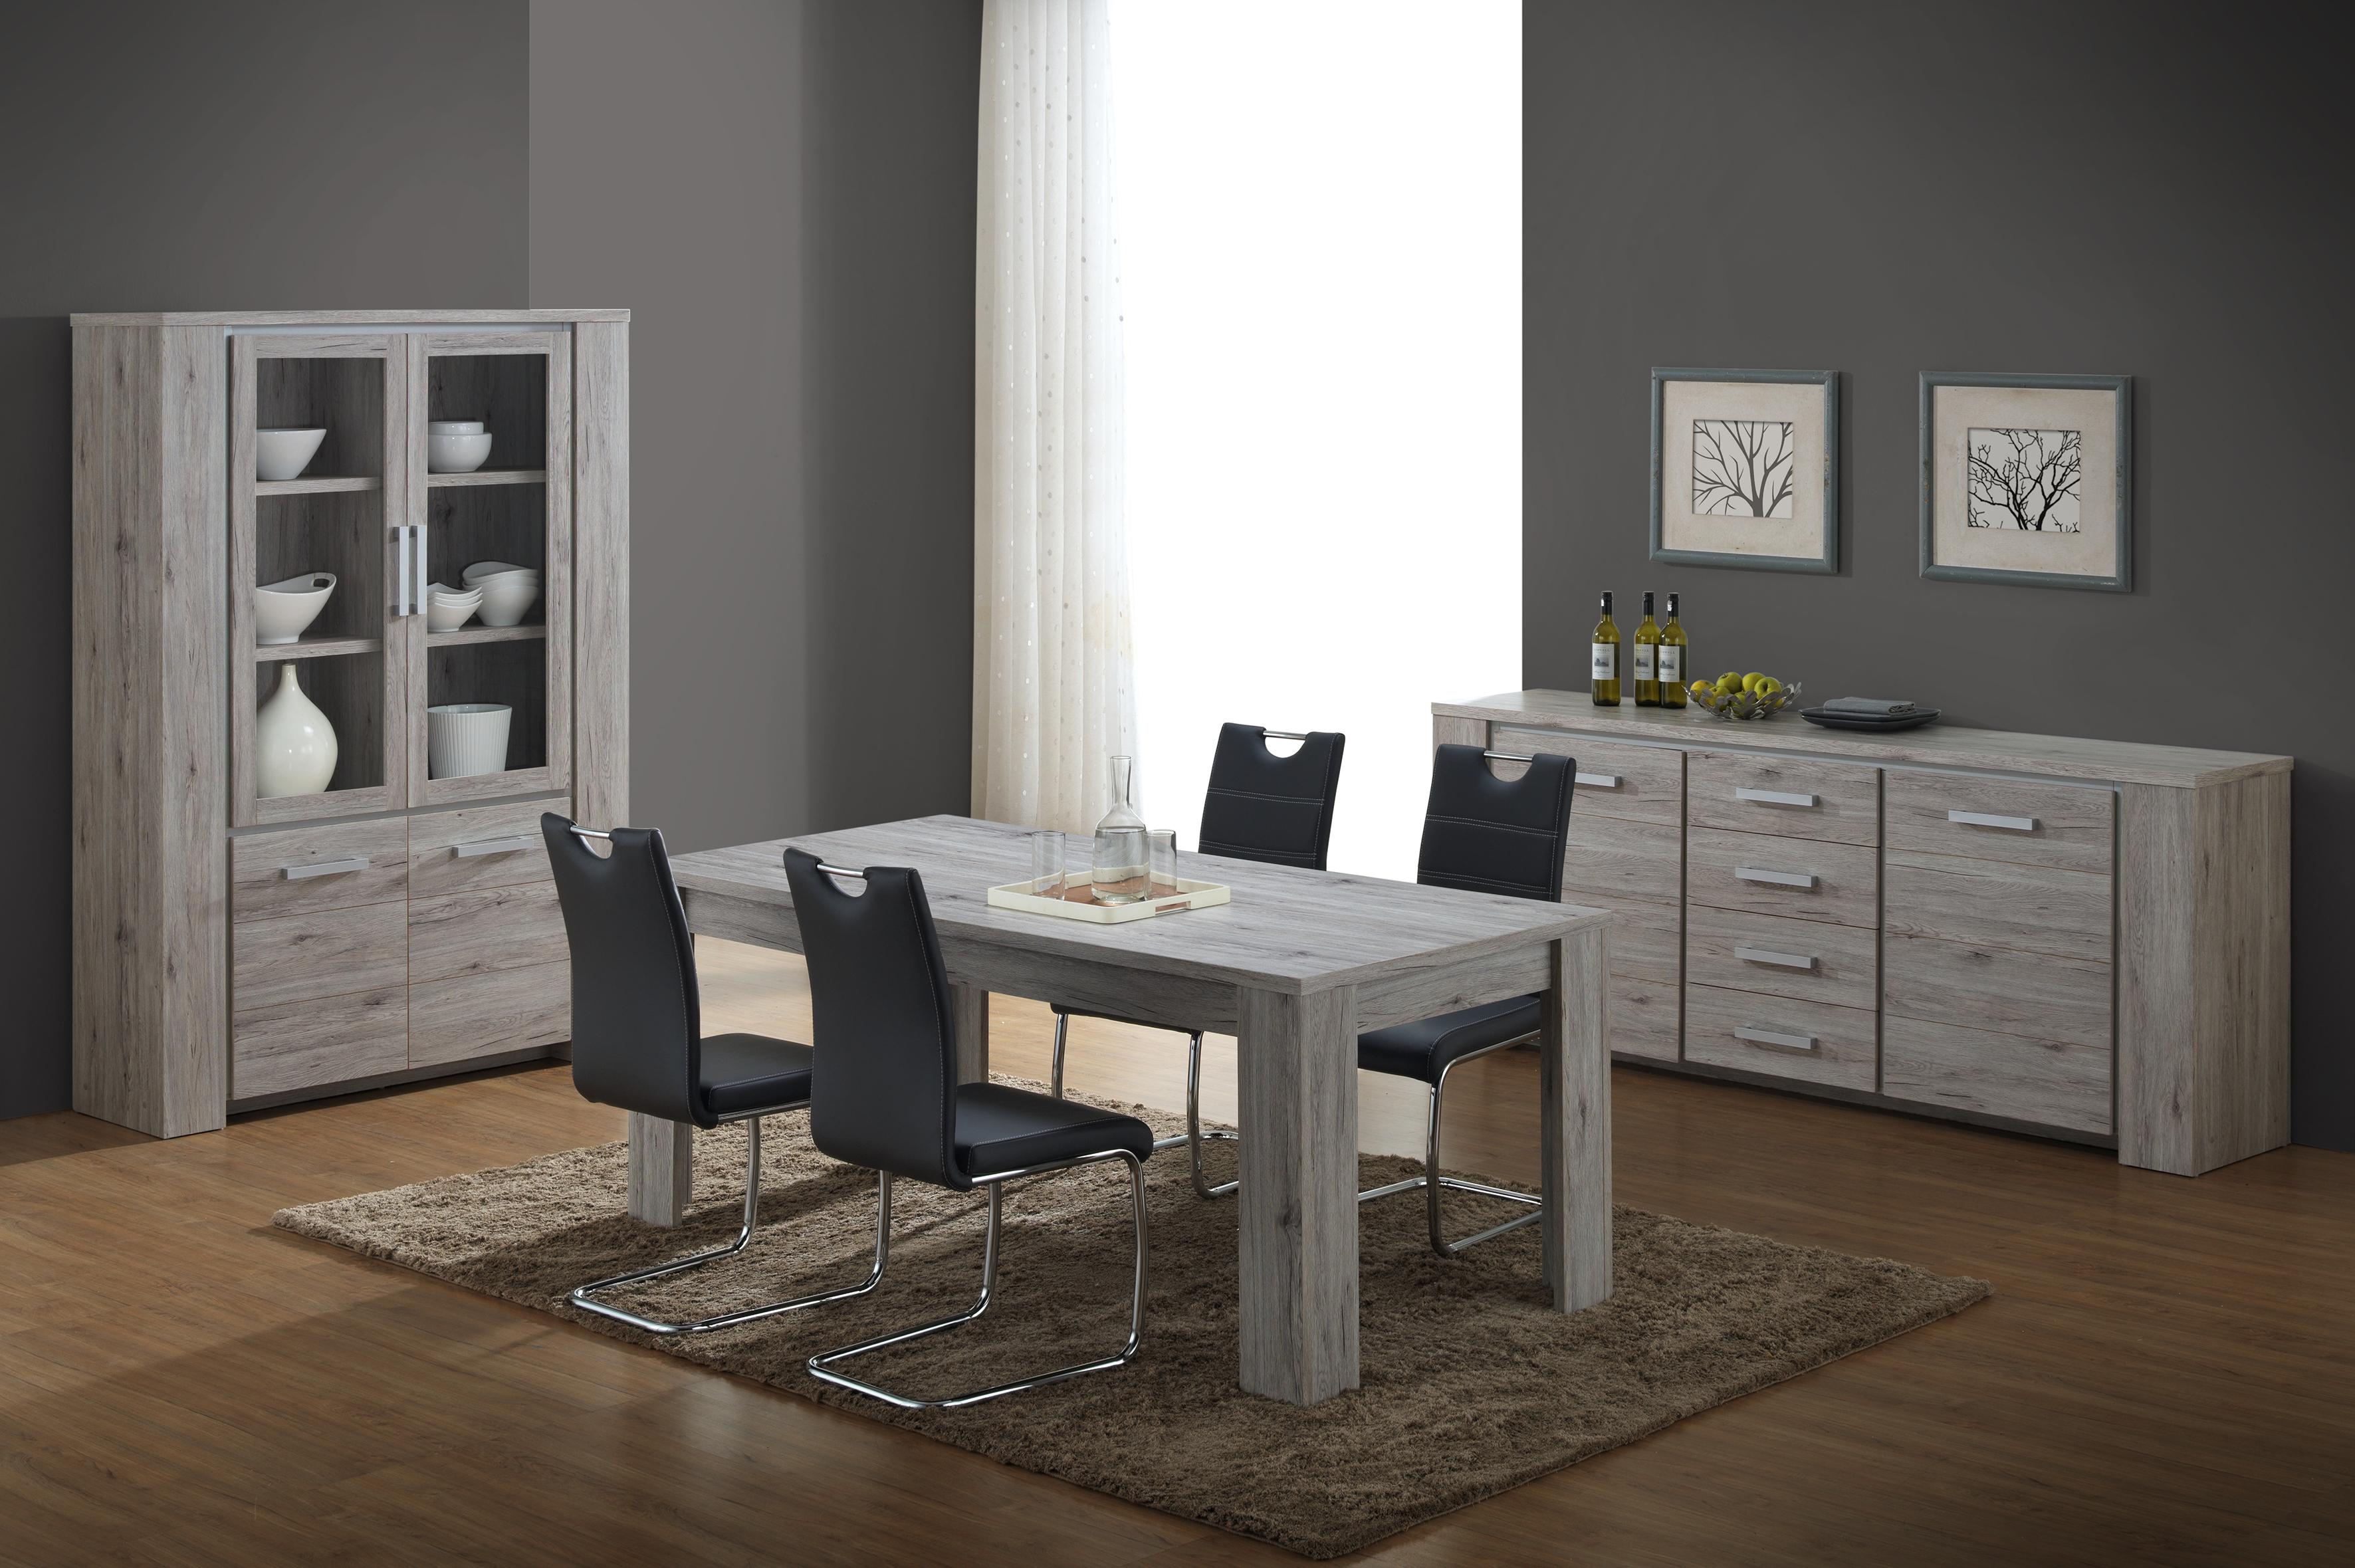 Eetkamer elite max meubel - Hedendaagse stoelen eetkamer ...